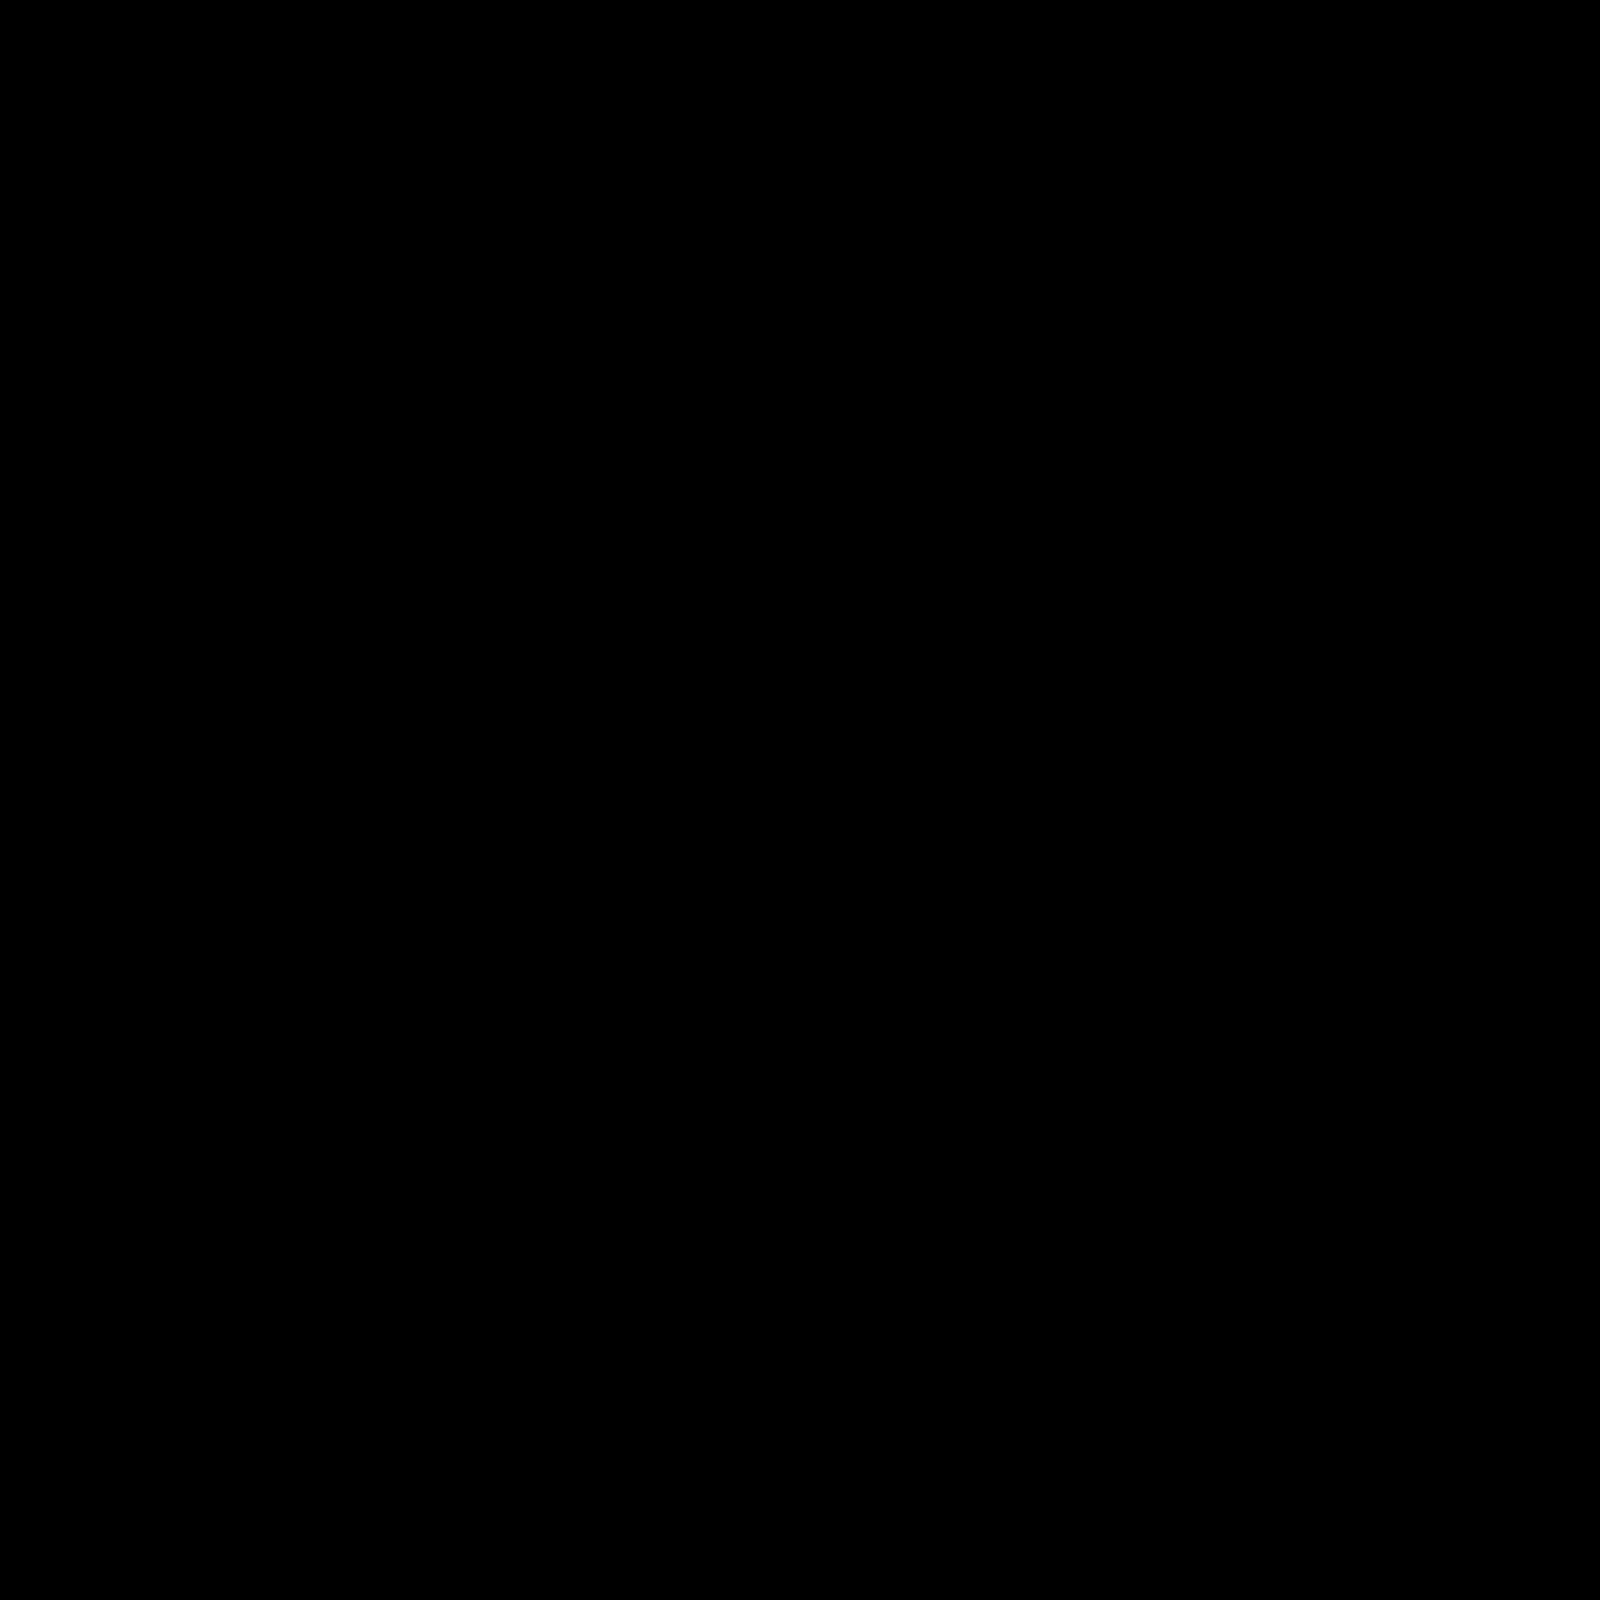 Близнецы PNG